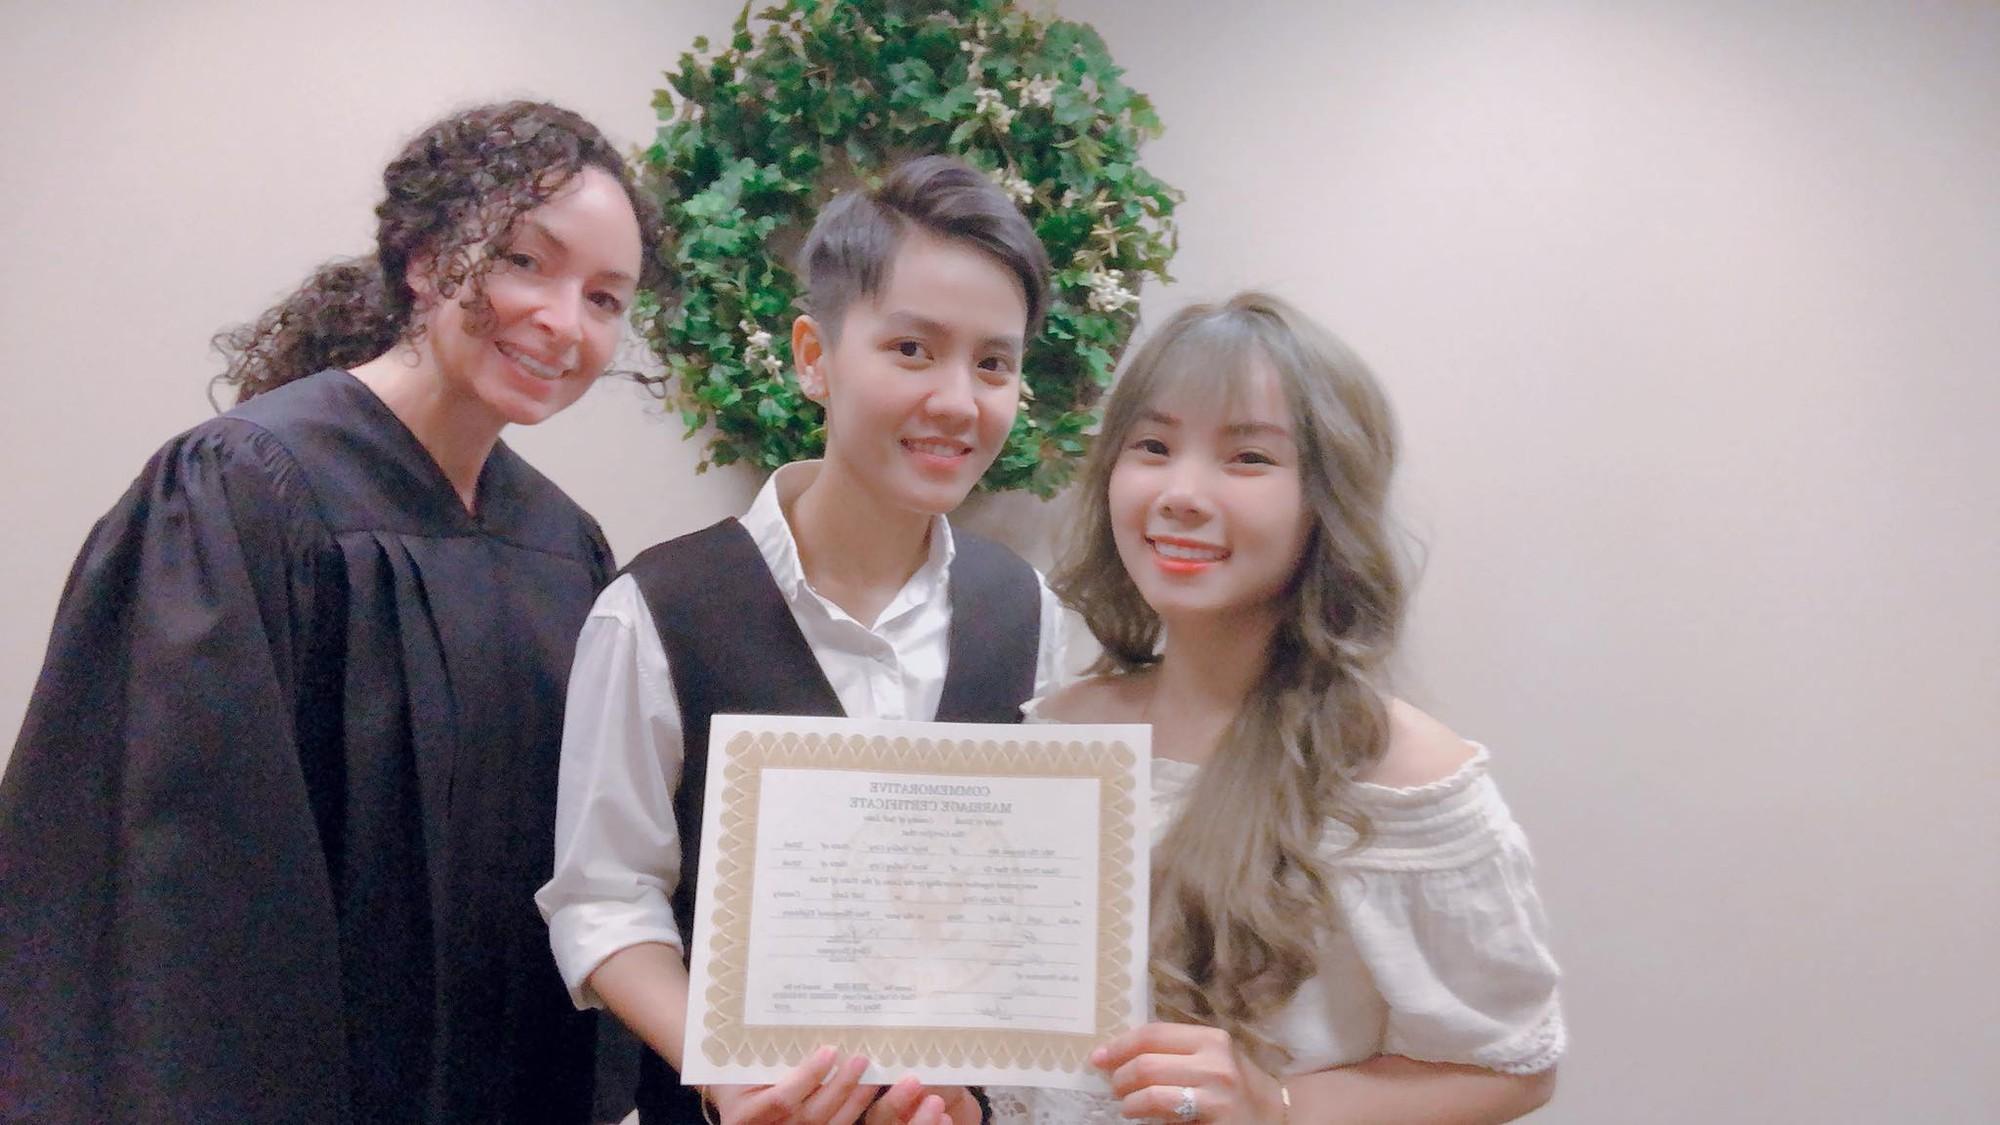 Tomboy Tô Trần Di Bảo đã kết hôn hợp pháp với bạn gái tại Mỹ - Ảnh 4.